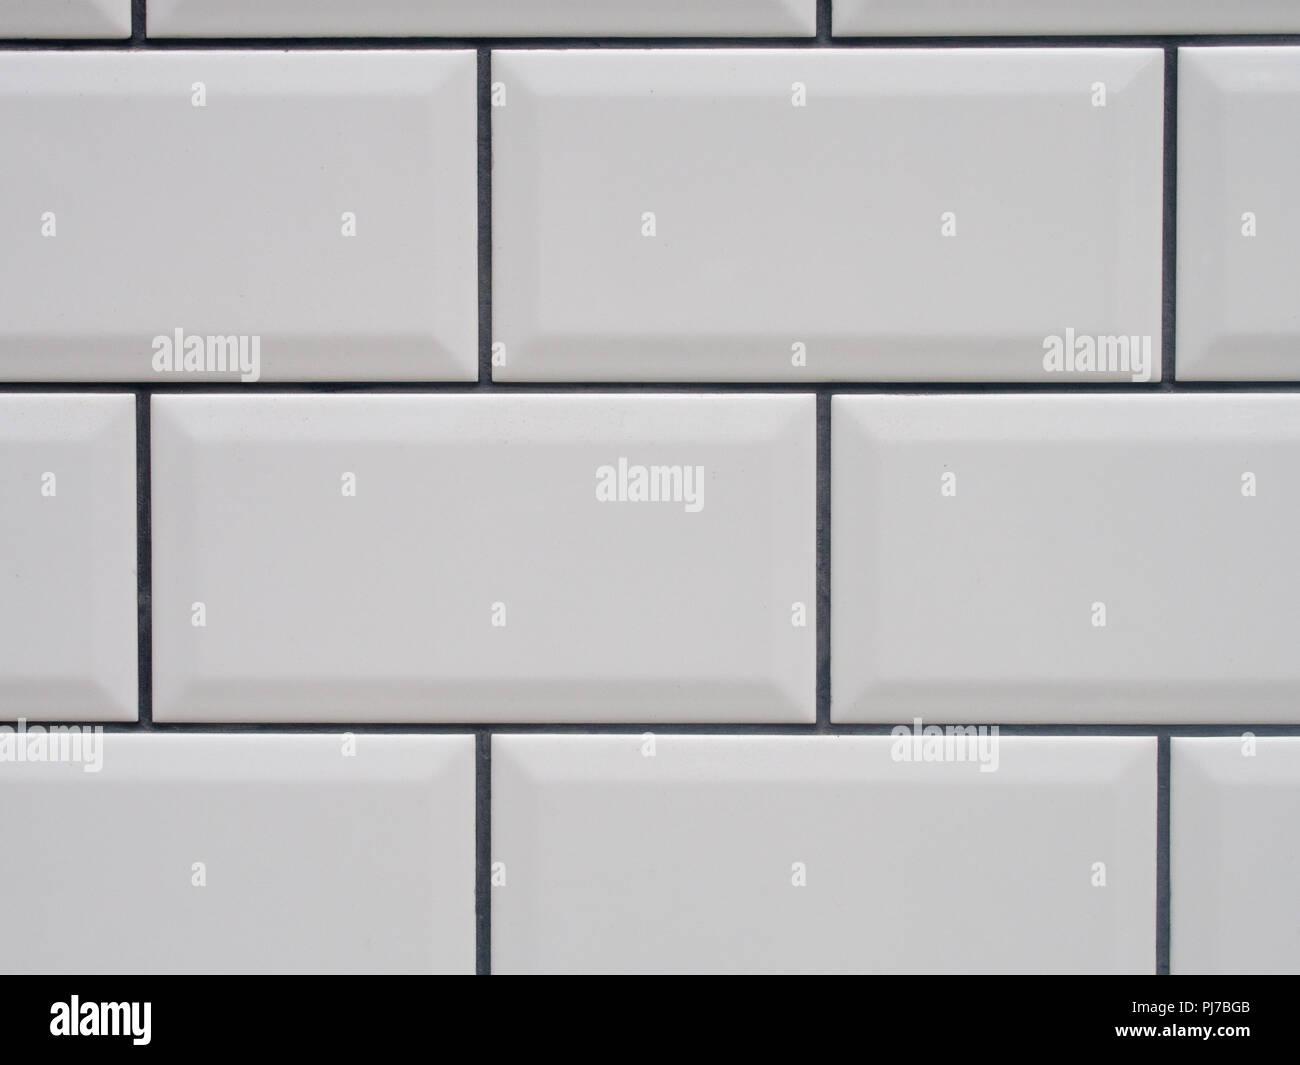 Carrelage Blanc Joint Noir carreaux blanc noir avec texture joints banque d'images